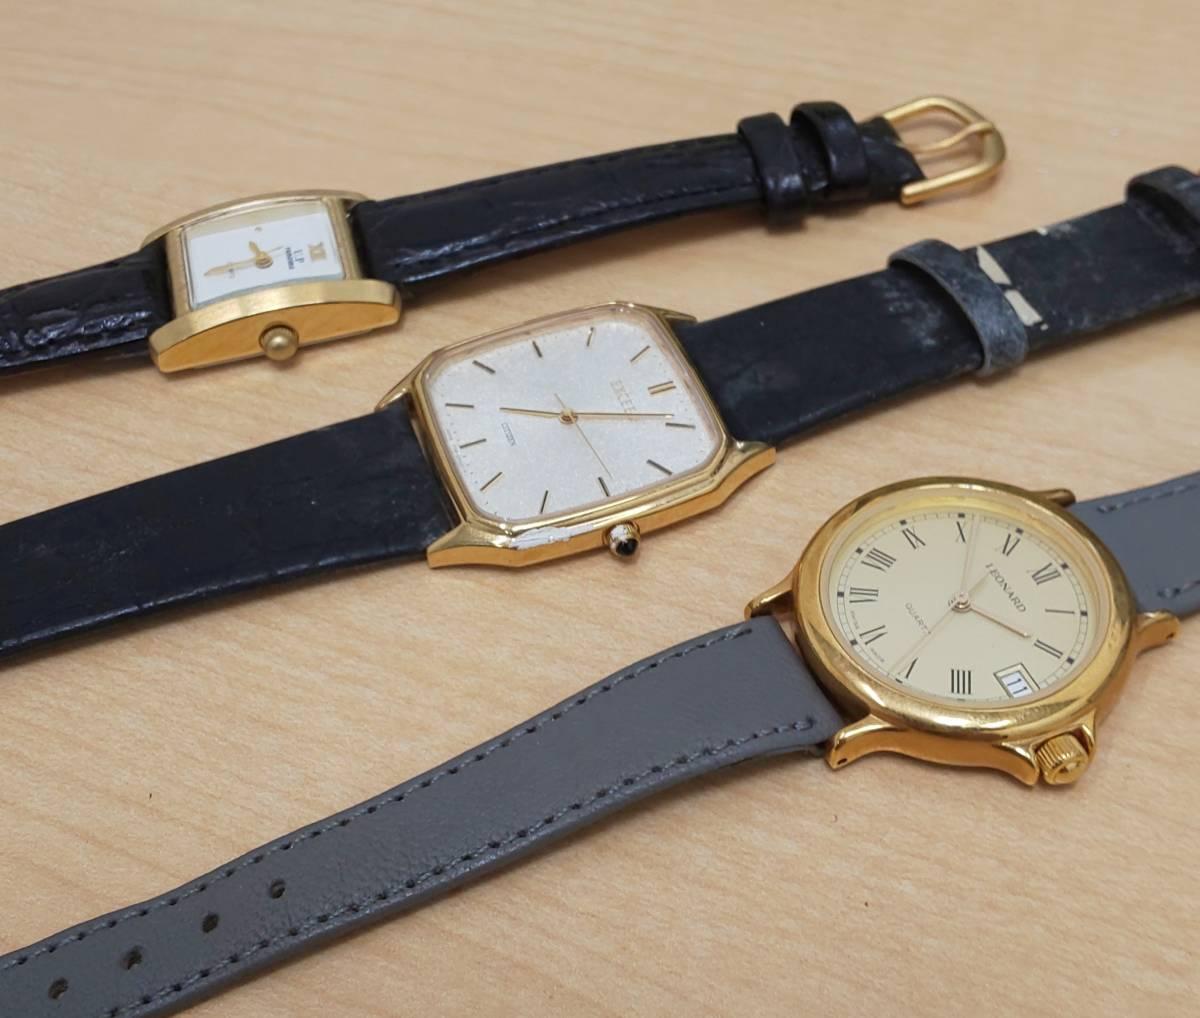 【5008】レディース 腕時計 ジャンク / ANTIMAG4800 citizen EXCEED / u.p renoma レノマ クオーツ / leonard レオナール_画像9